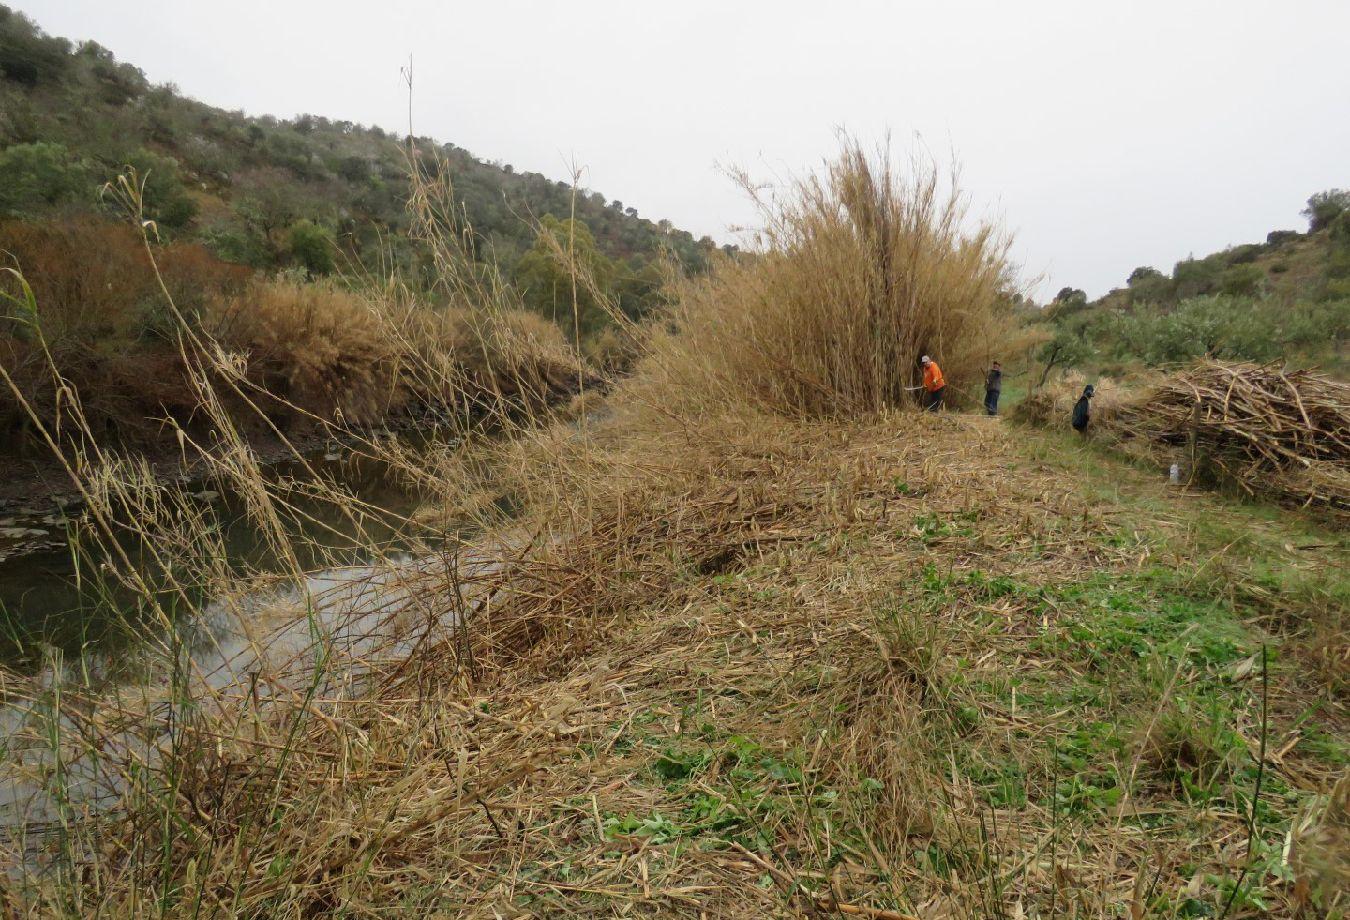 Erradicação de uma mancha de canavial na ribeira do Vascão (SIC Guadiana)